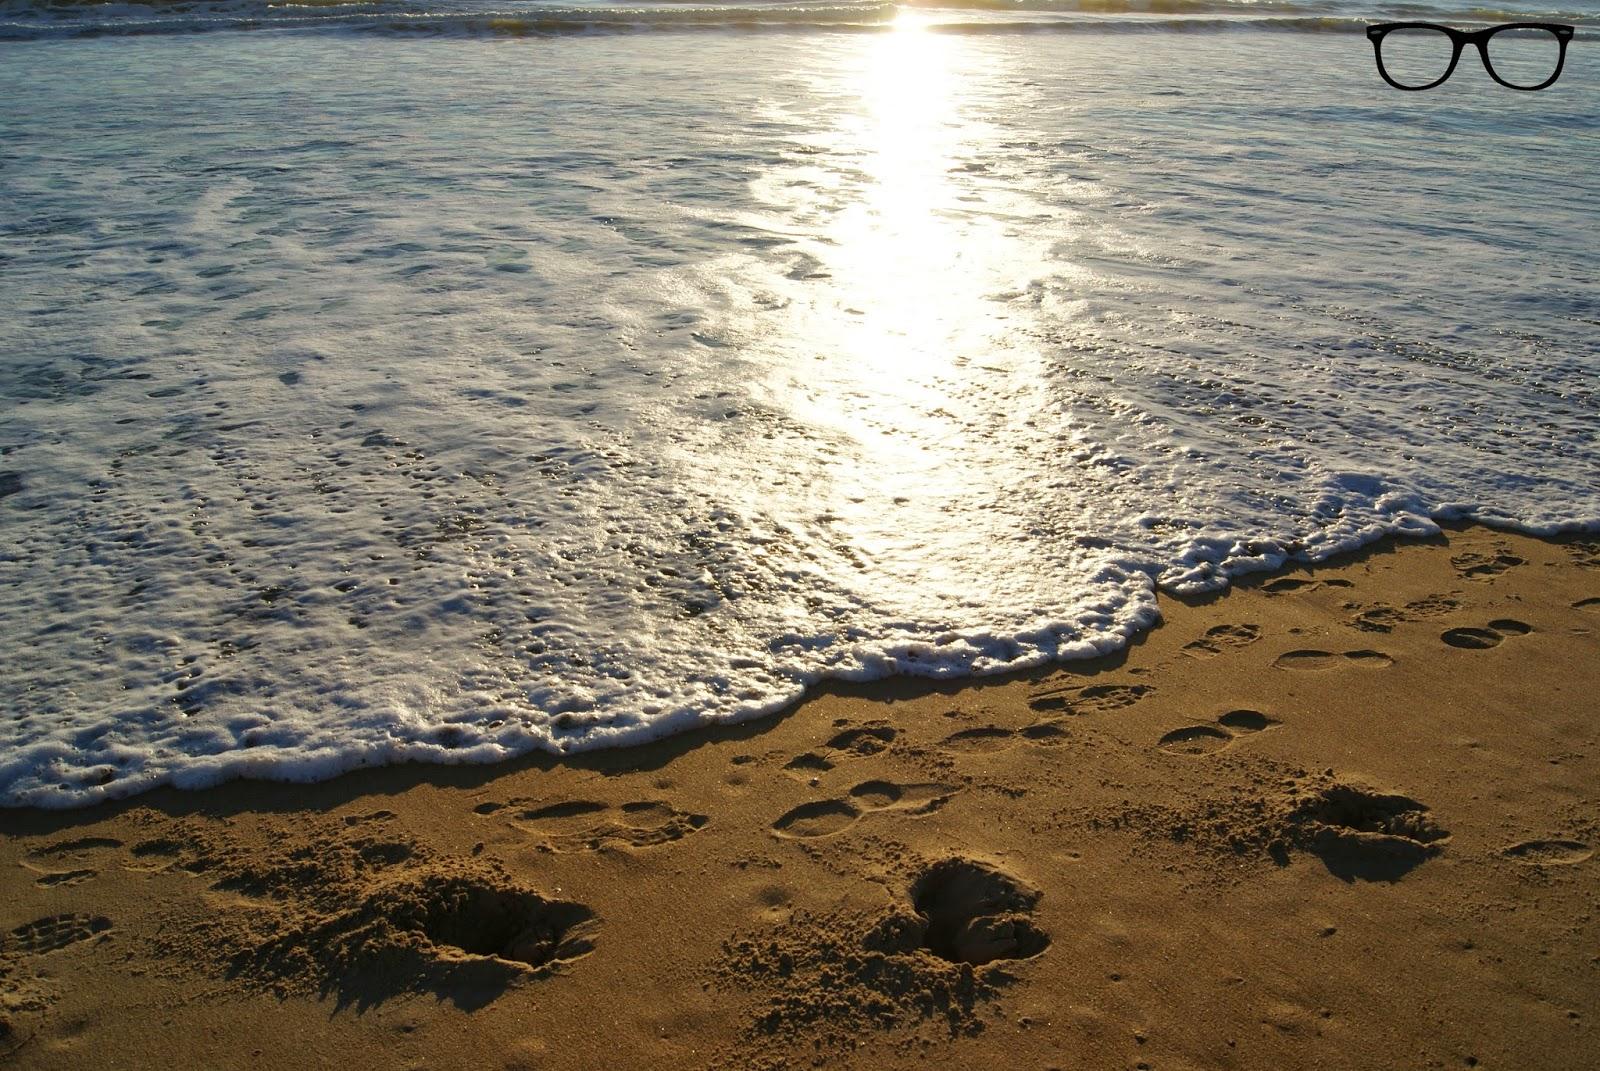 Playa El Portil